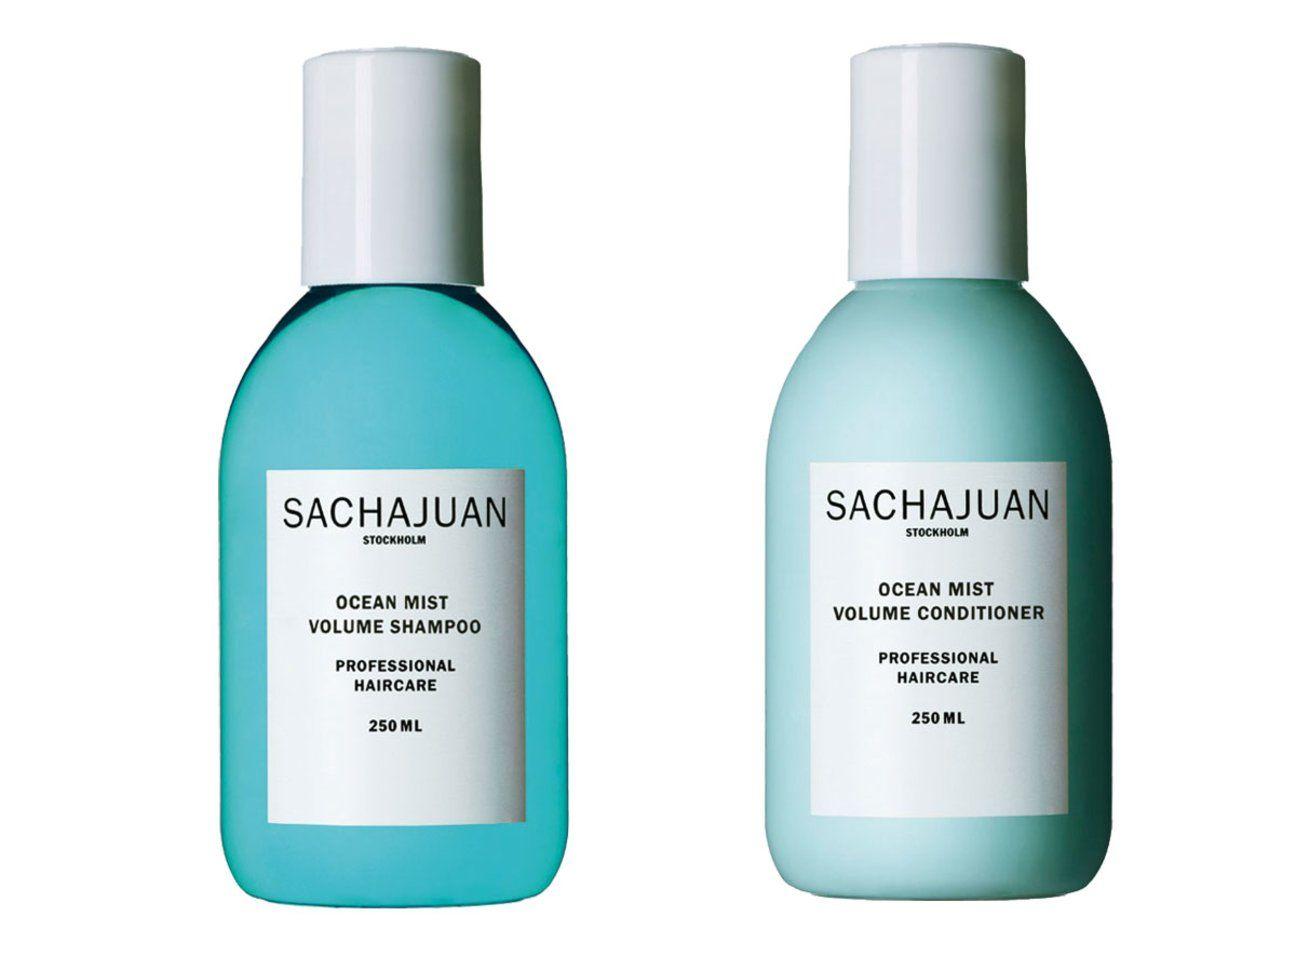 Feines Haar Die 5 Besten Shampoos Und Conditioner Gutes Shampoo Shampoo Fur Feines Haar Feines Haar